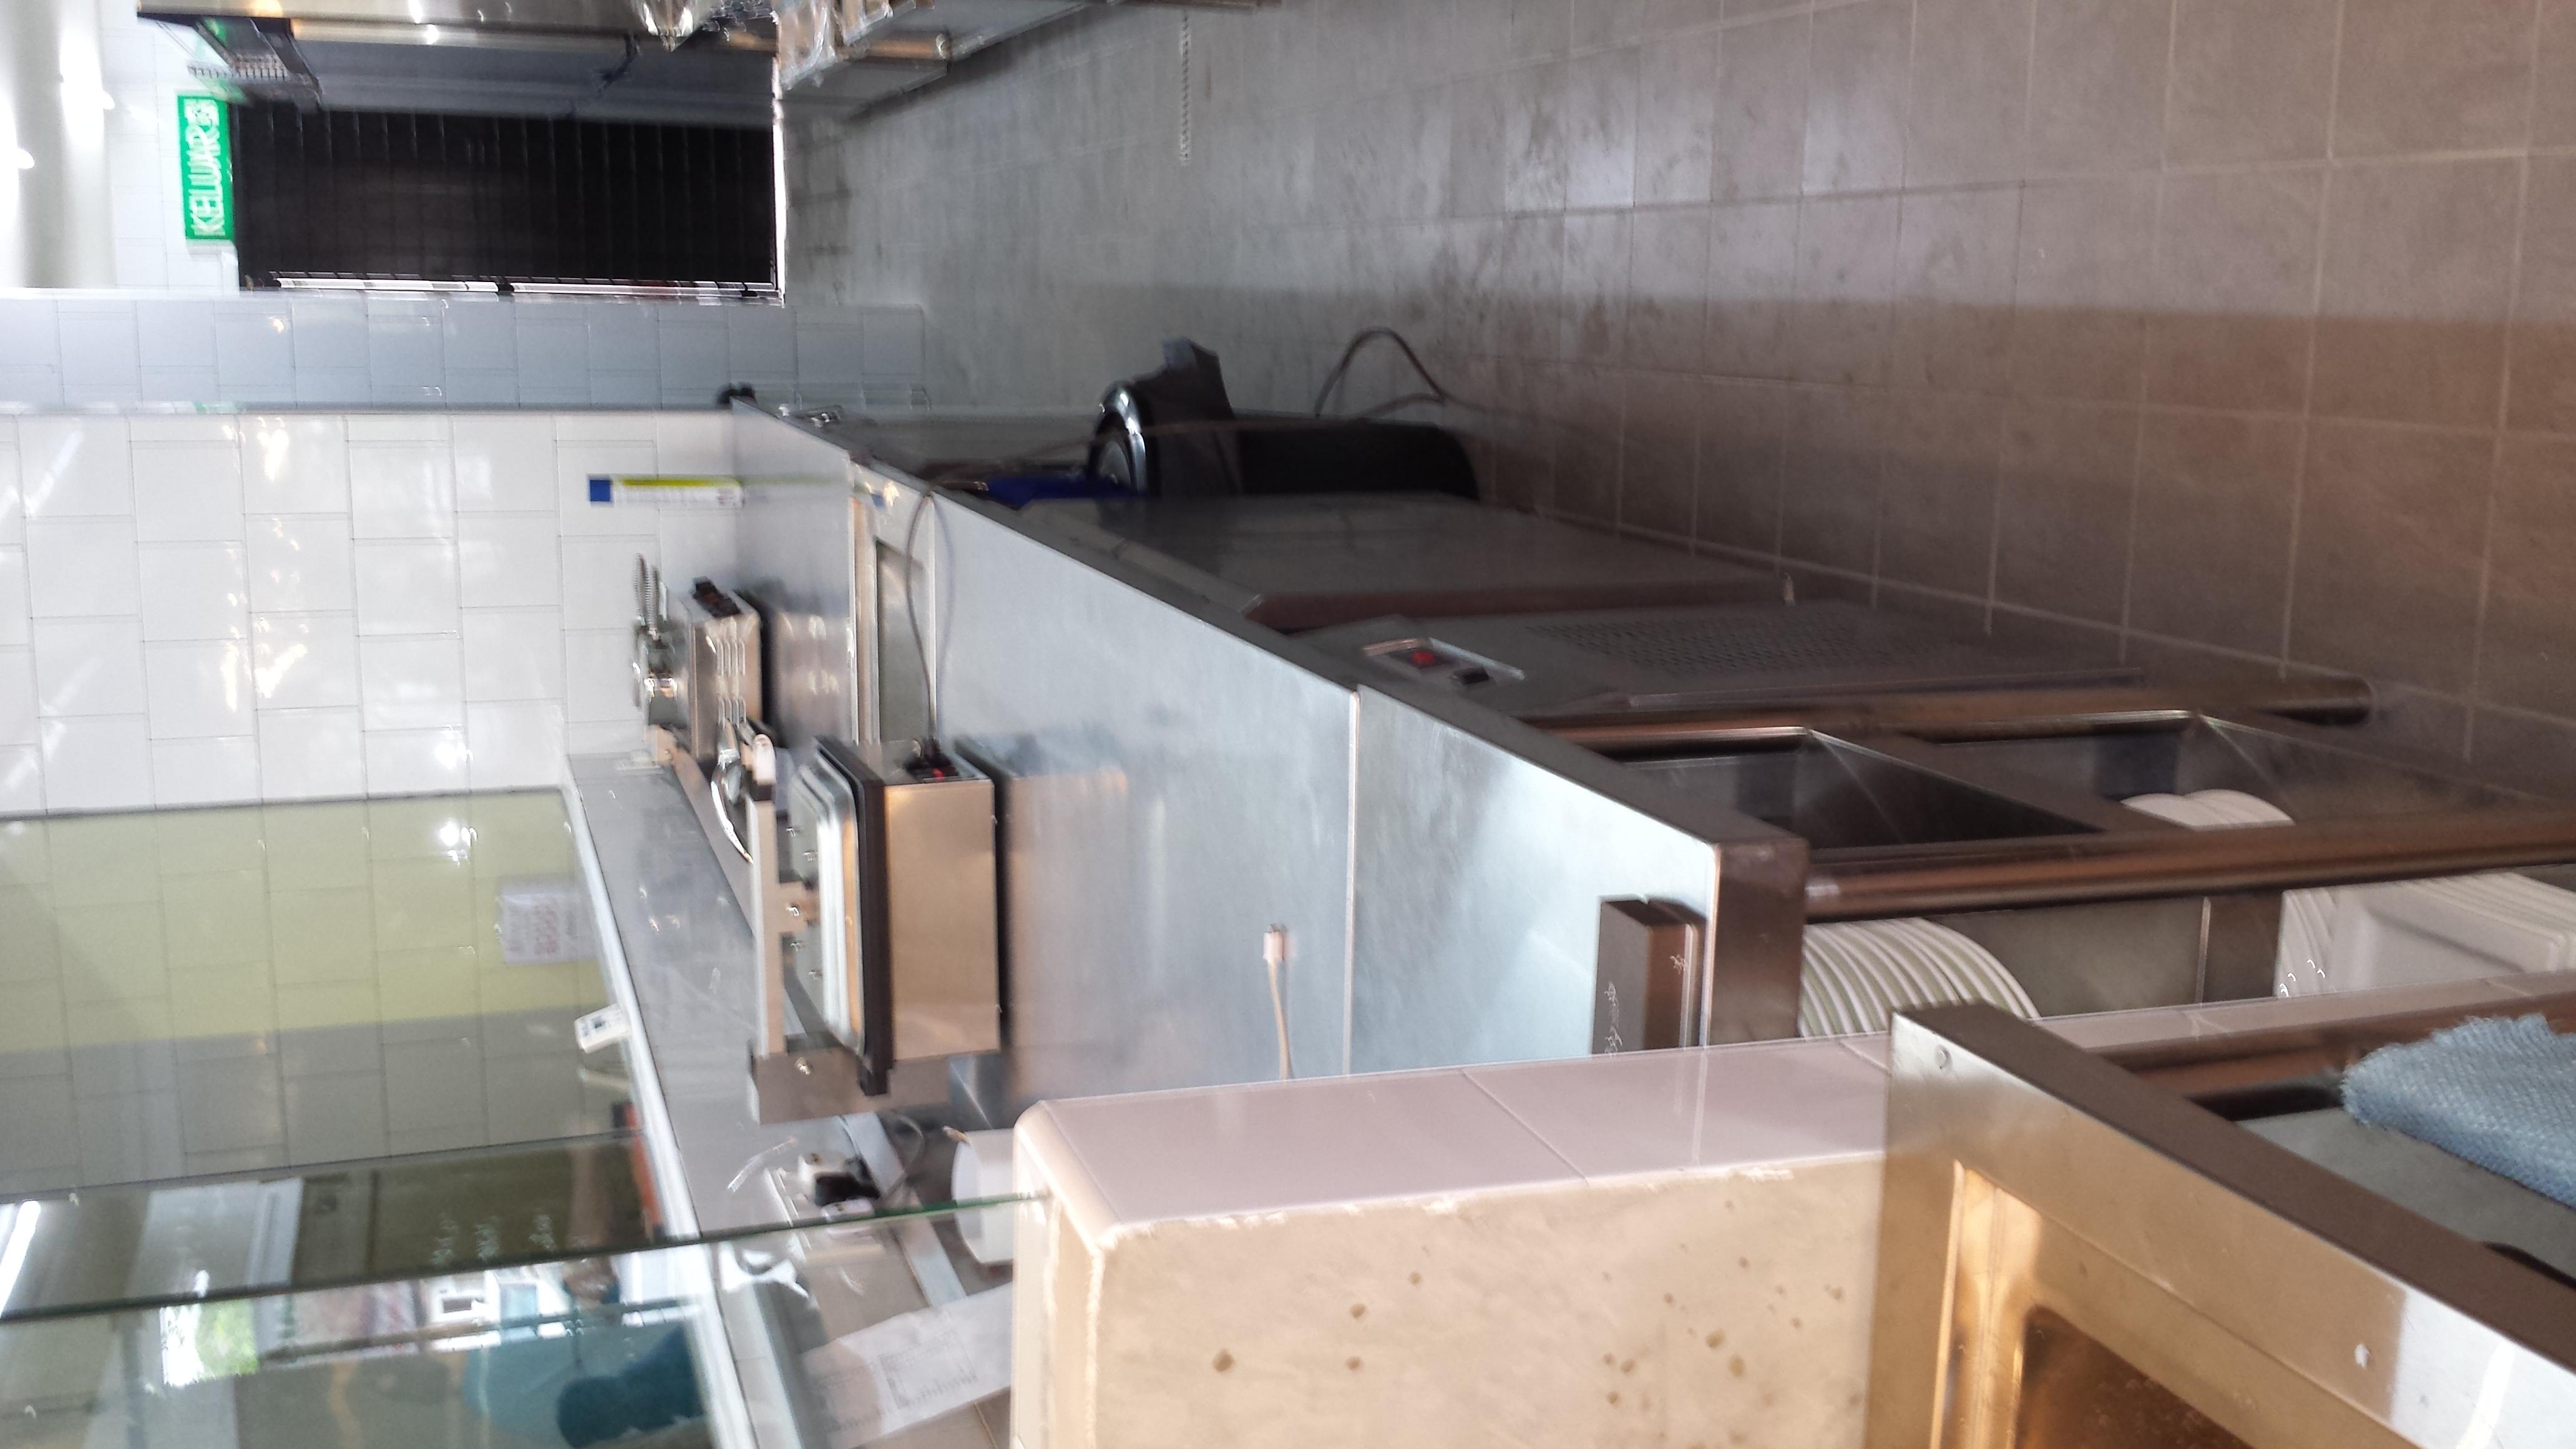 Dolphin Kitchen Equipment Supply